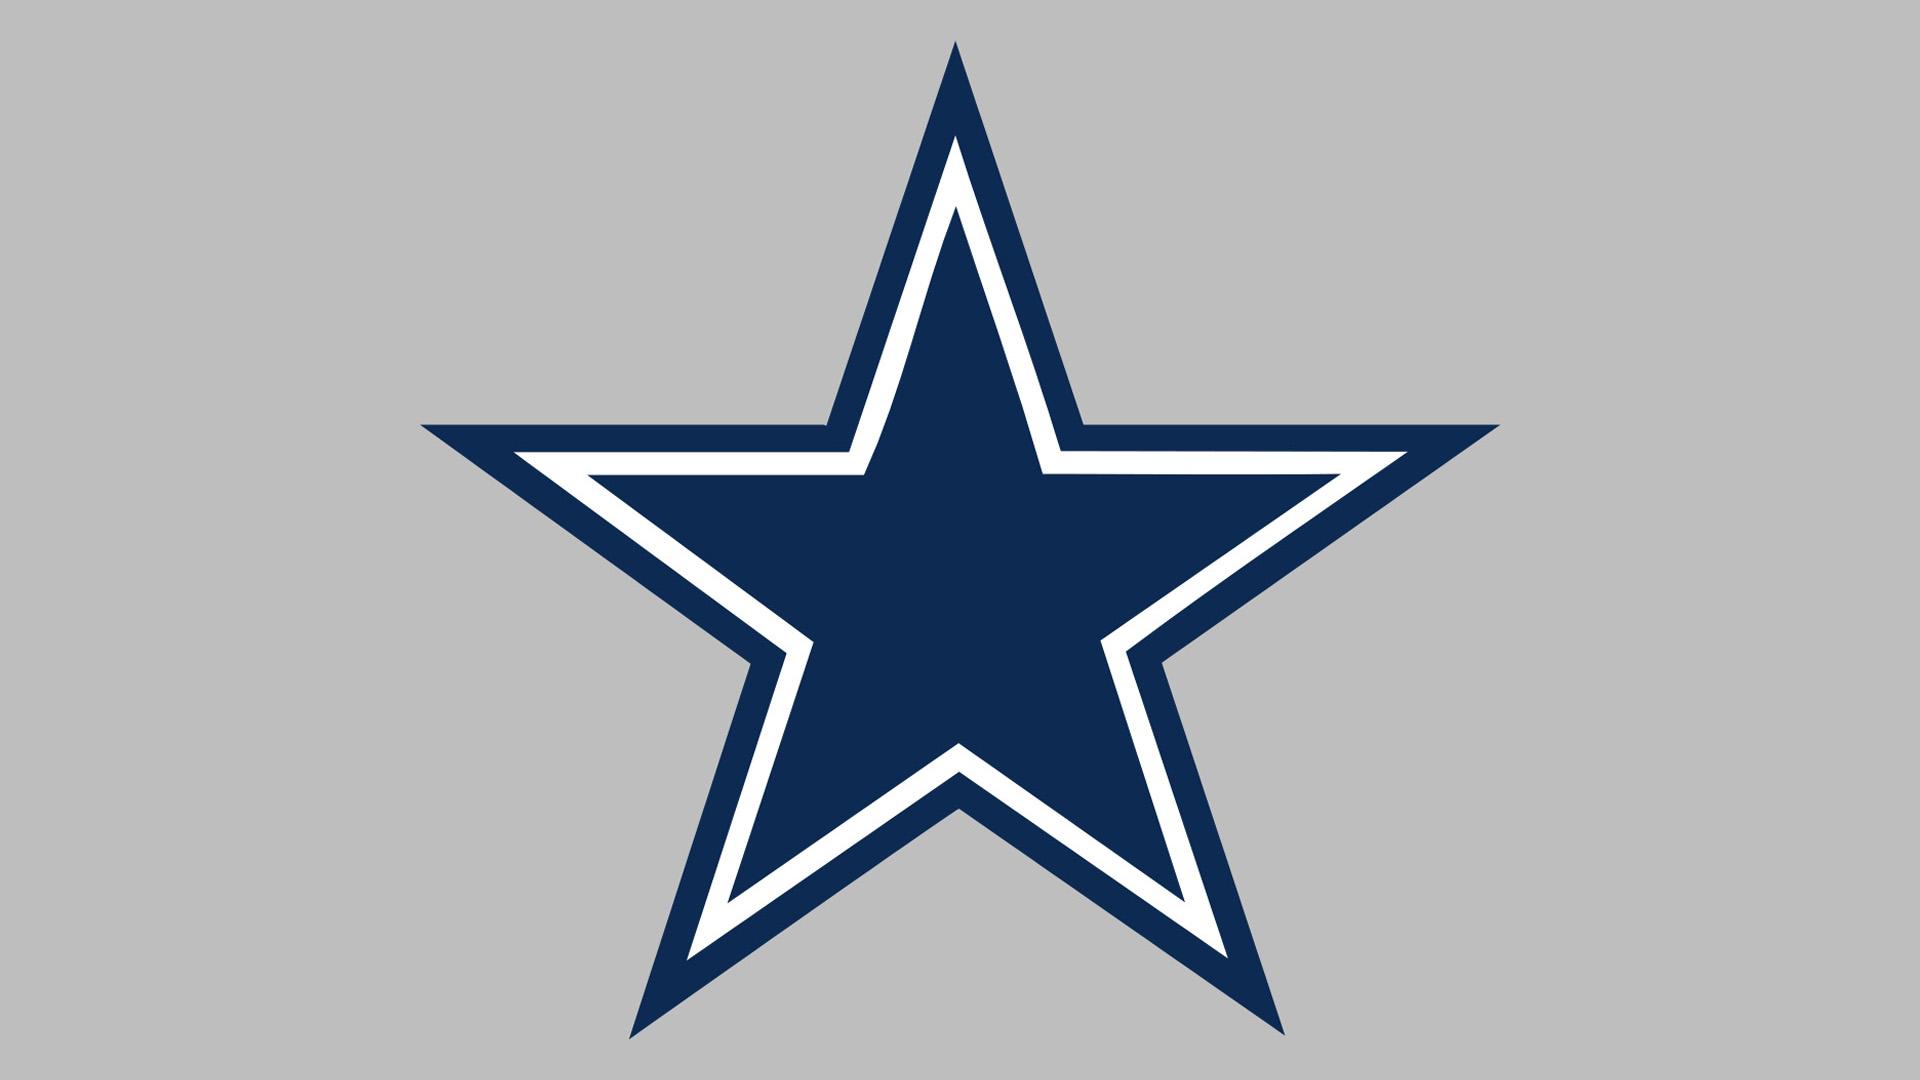 Cowboys Hd Wallpaper